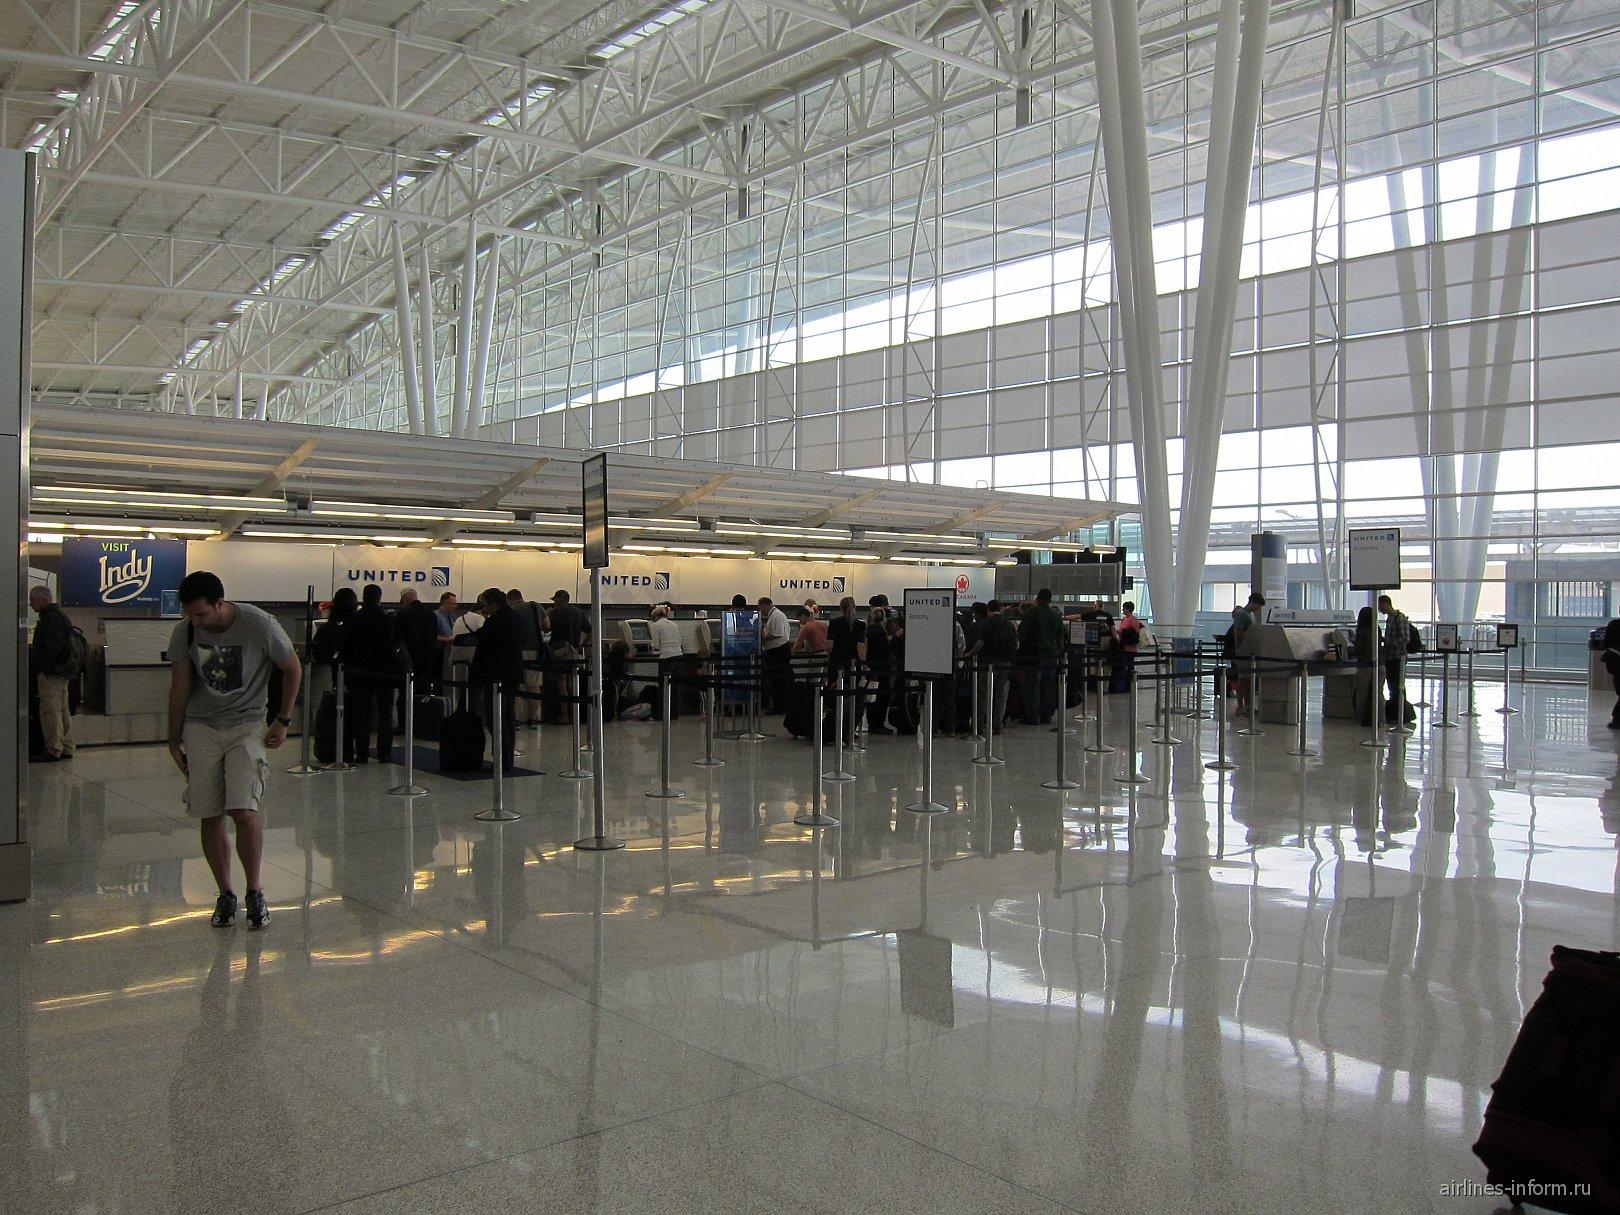 Стойки регистрации авиакомпании United в аэропорту Индианаполиса